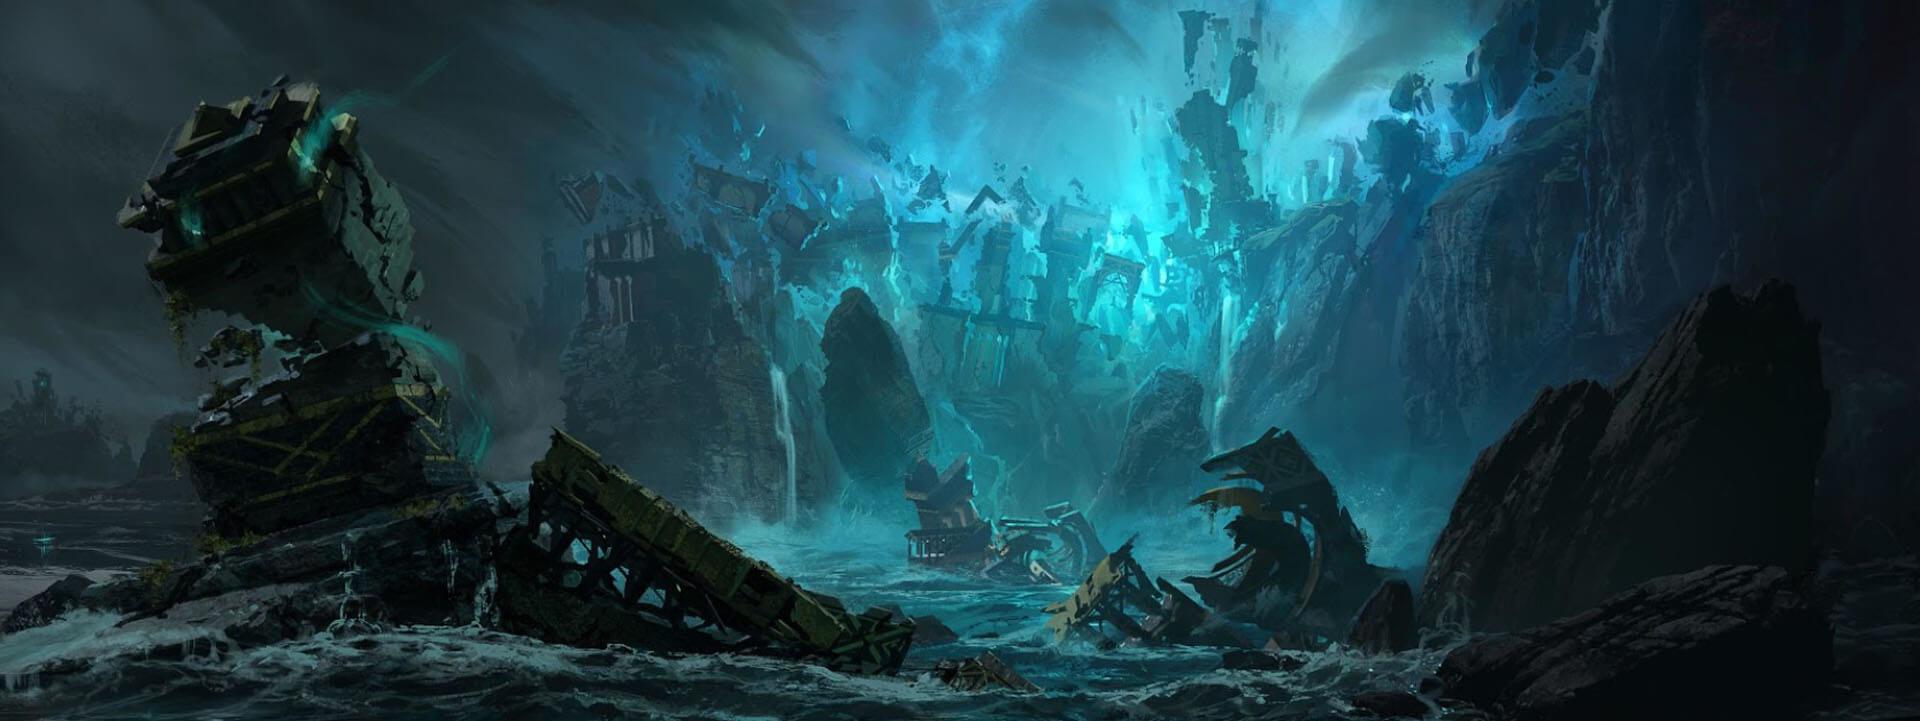 Legends of Runeterra: Shadow Isles Region Guide